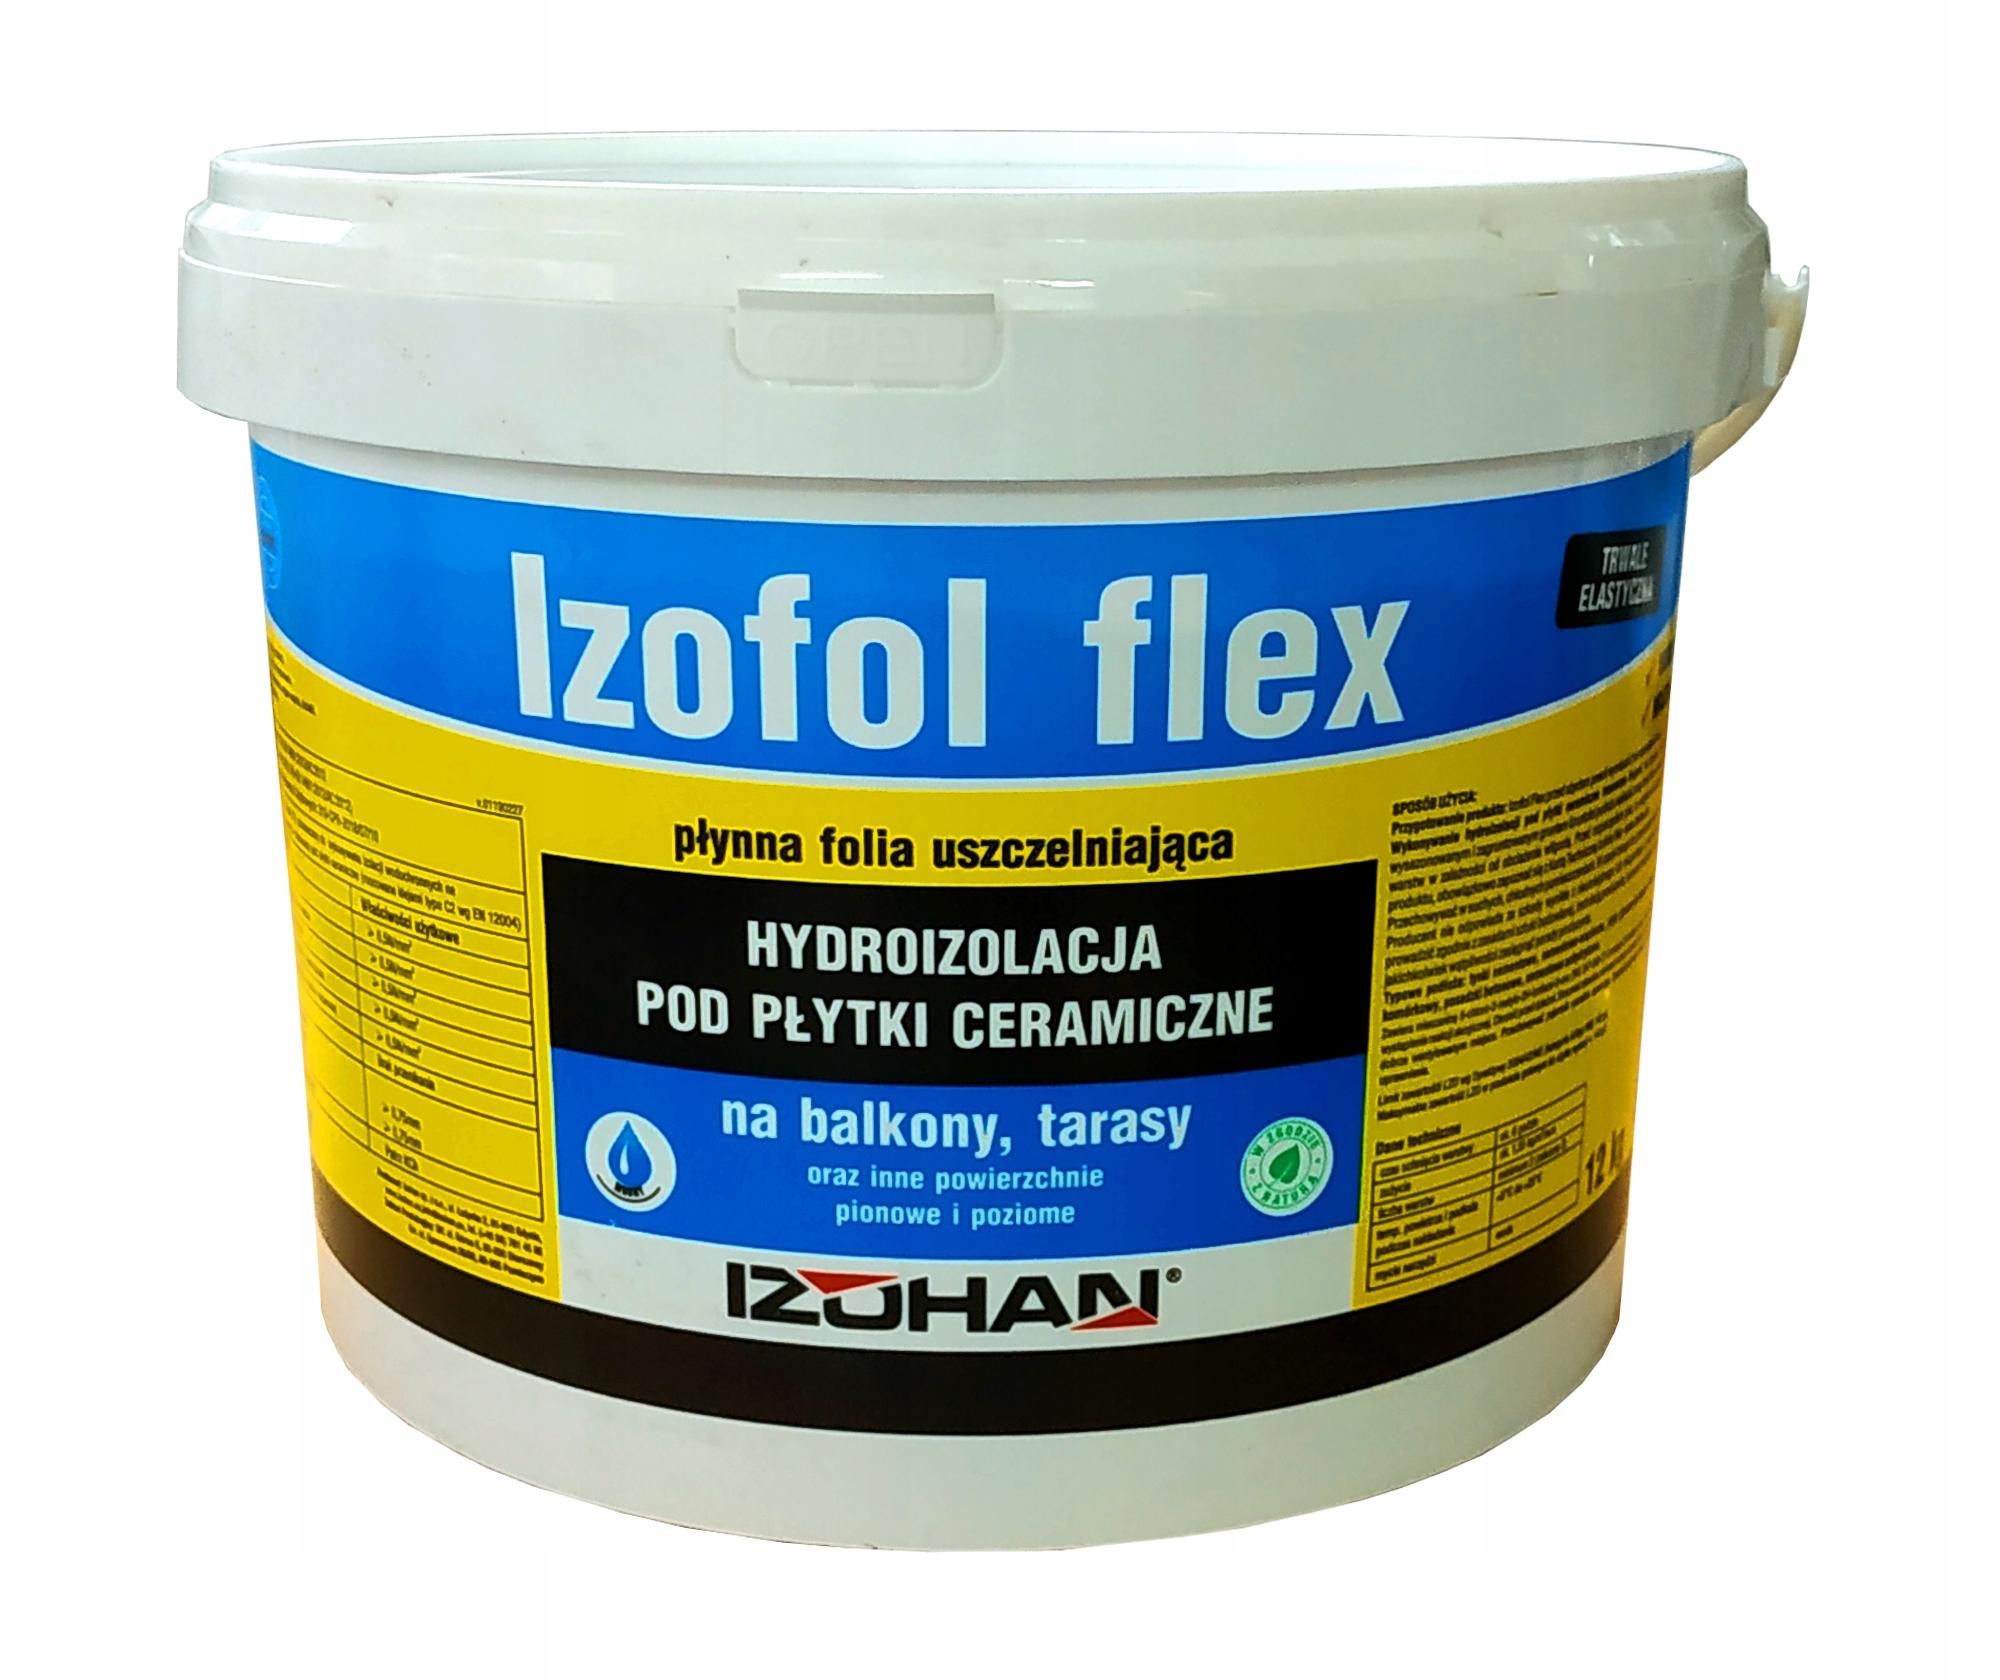 IZOFOL FLEX wydajna folia w płynie elastyczna 12kg